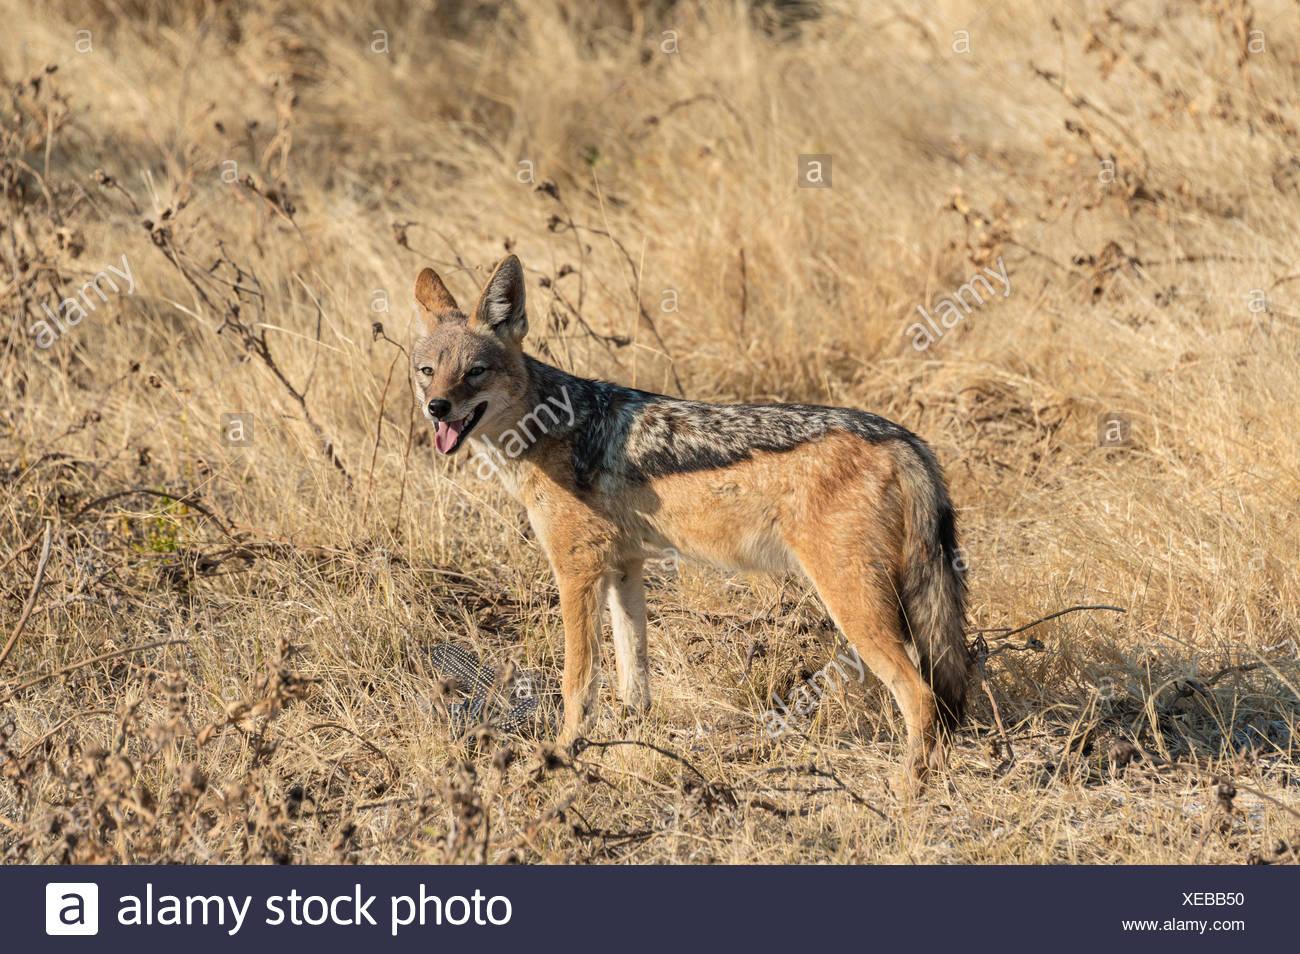 Le chacal à dos noir (Canis mesomelas) avec les proies la pintade, Etosha National Park, Namibie Banque D'Images